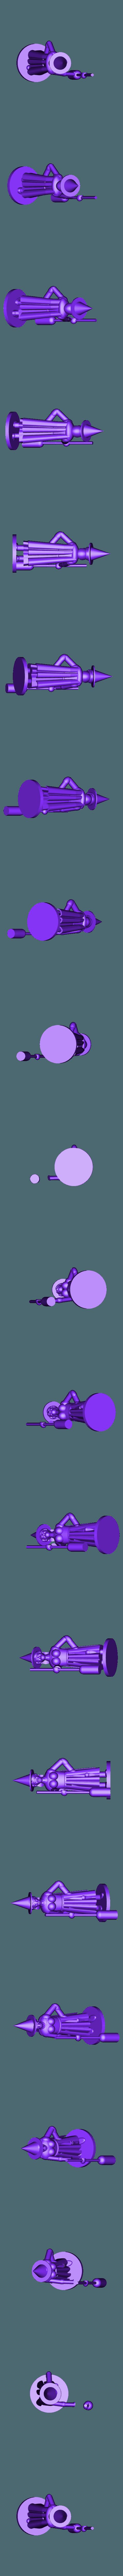 broom1_split.stl Télécharger fichier STL gratuit Schoolkids et enseignants magiques • Design à imprimer en 3D, Earsling